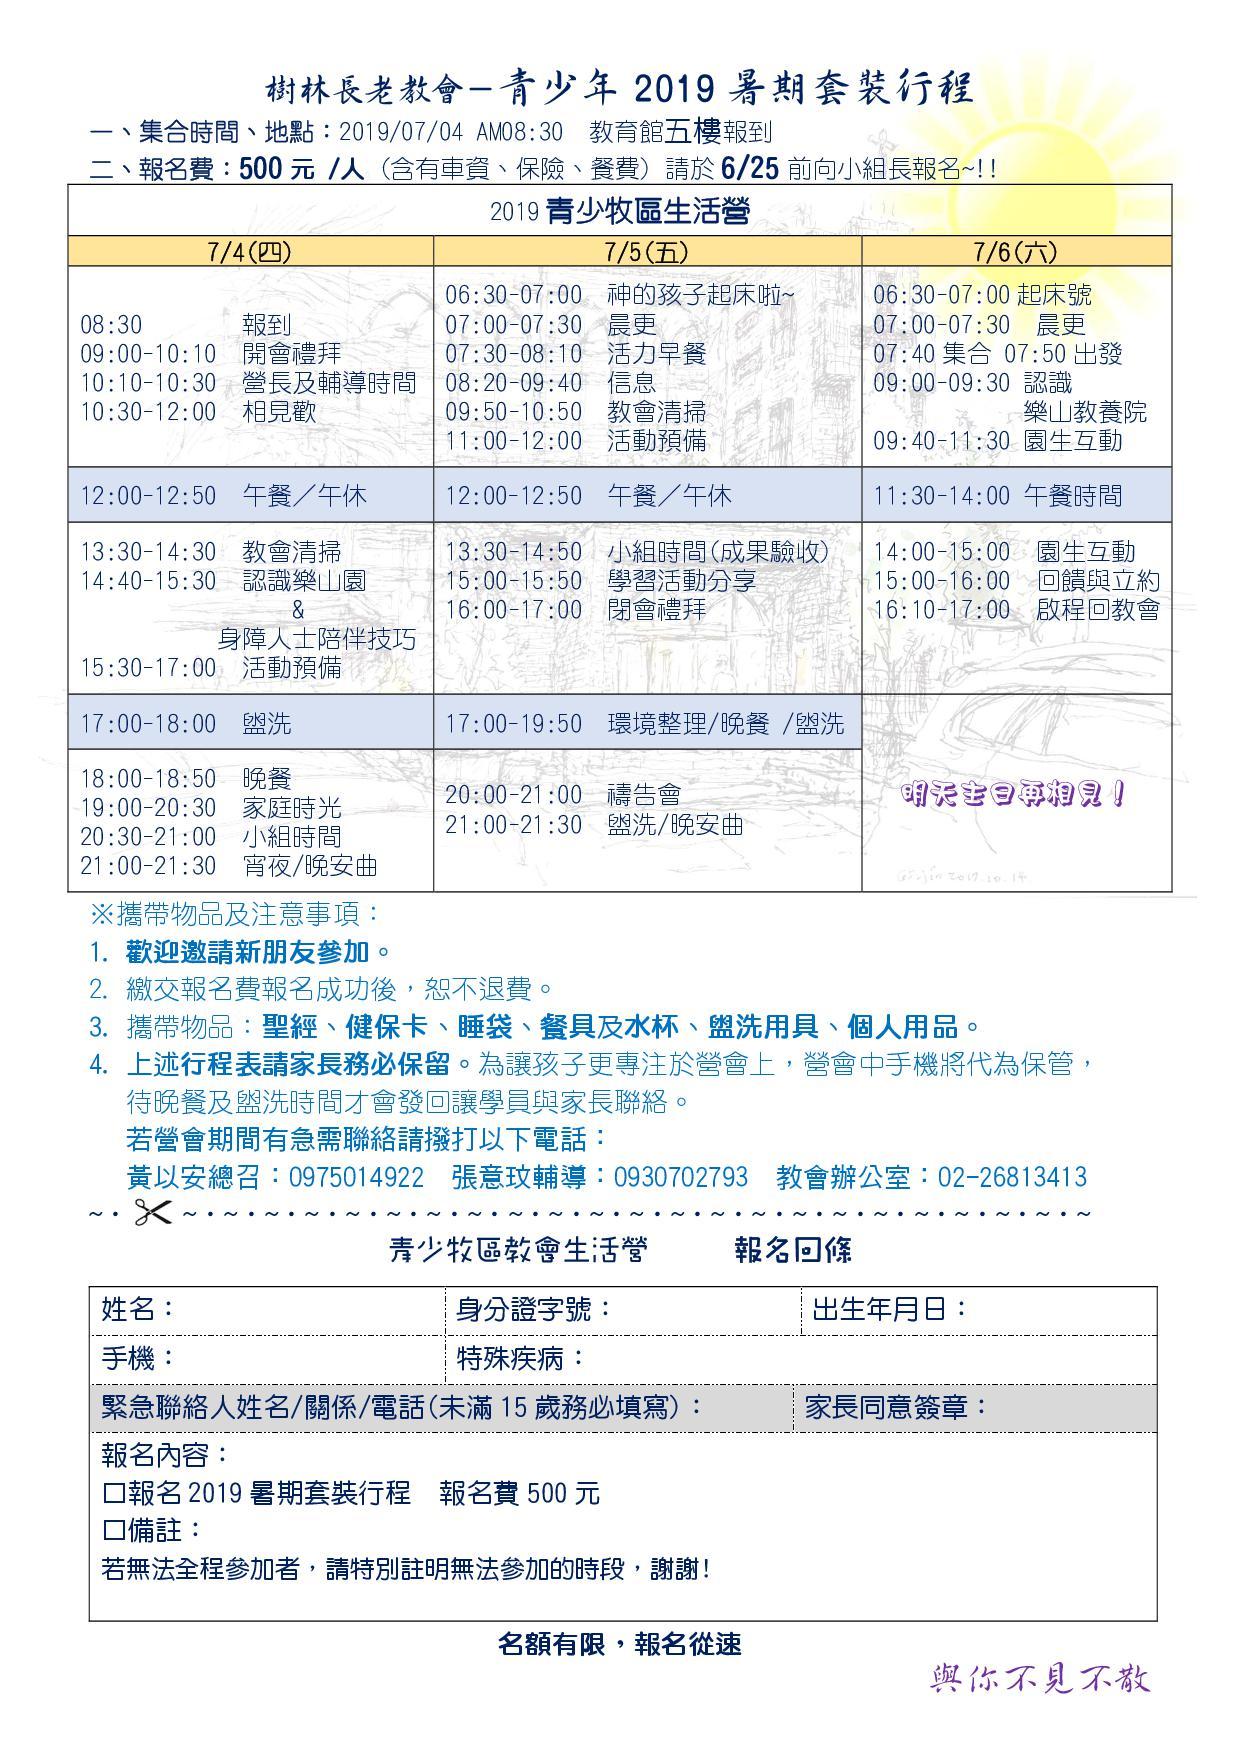 2019青少牧區生活營套裝行程報名表